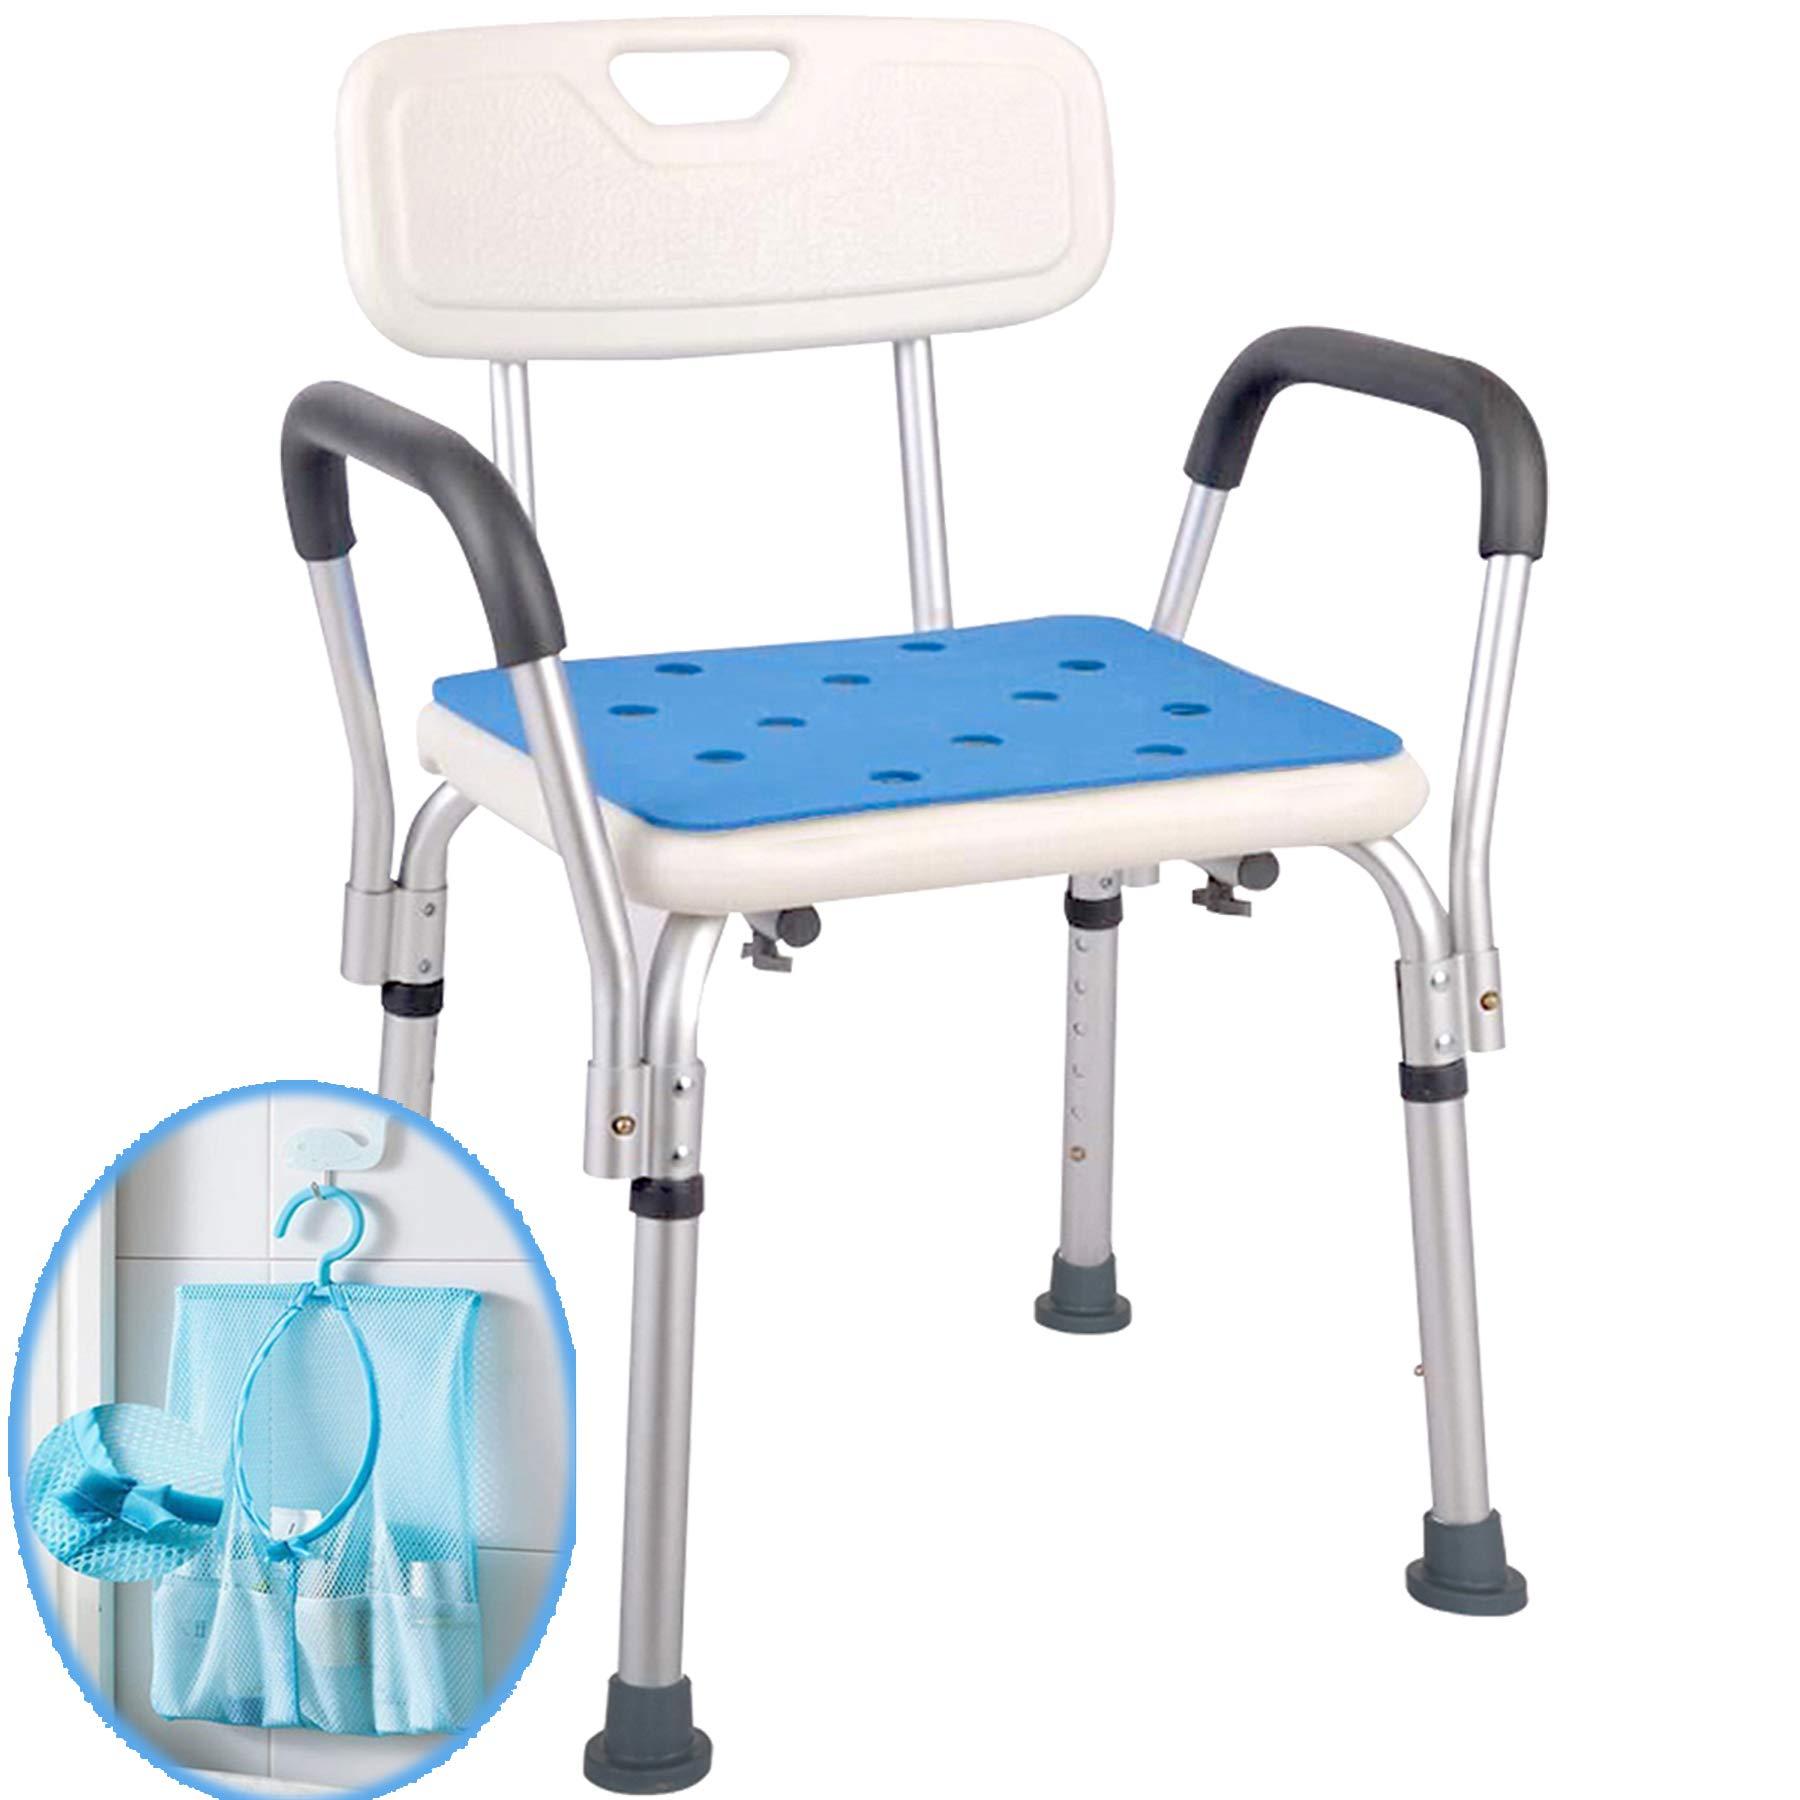 Medokare Shower Chair Rails Handicap